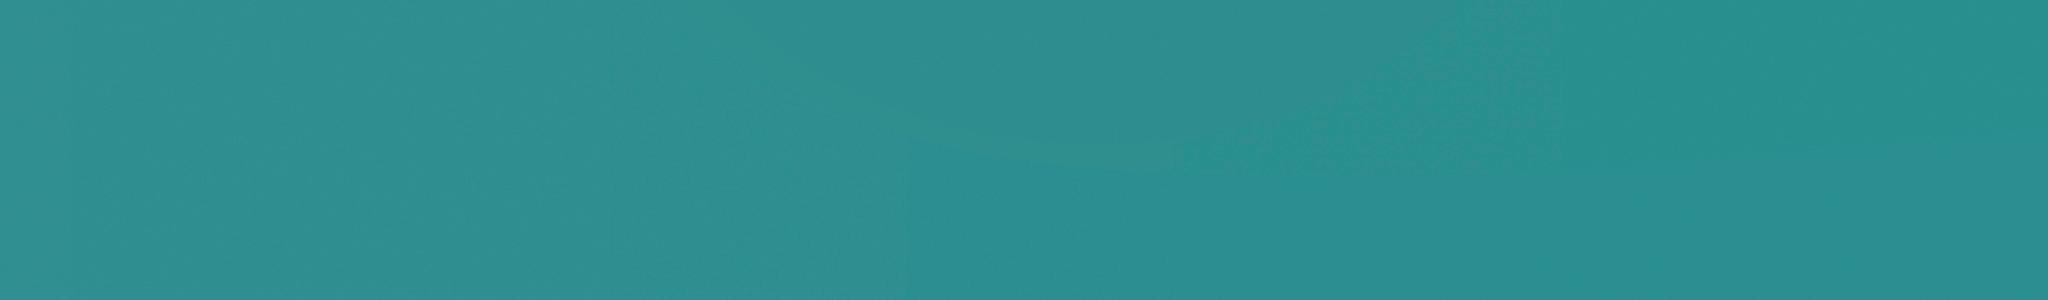 HU 16245 кромка ABS зеленая гладкая 100 глянец 10°